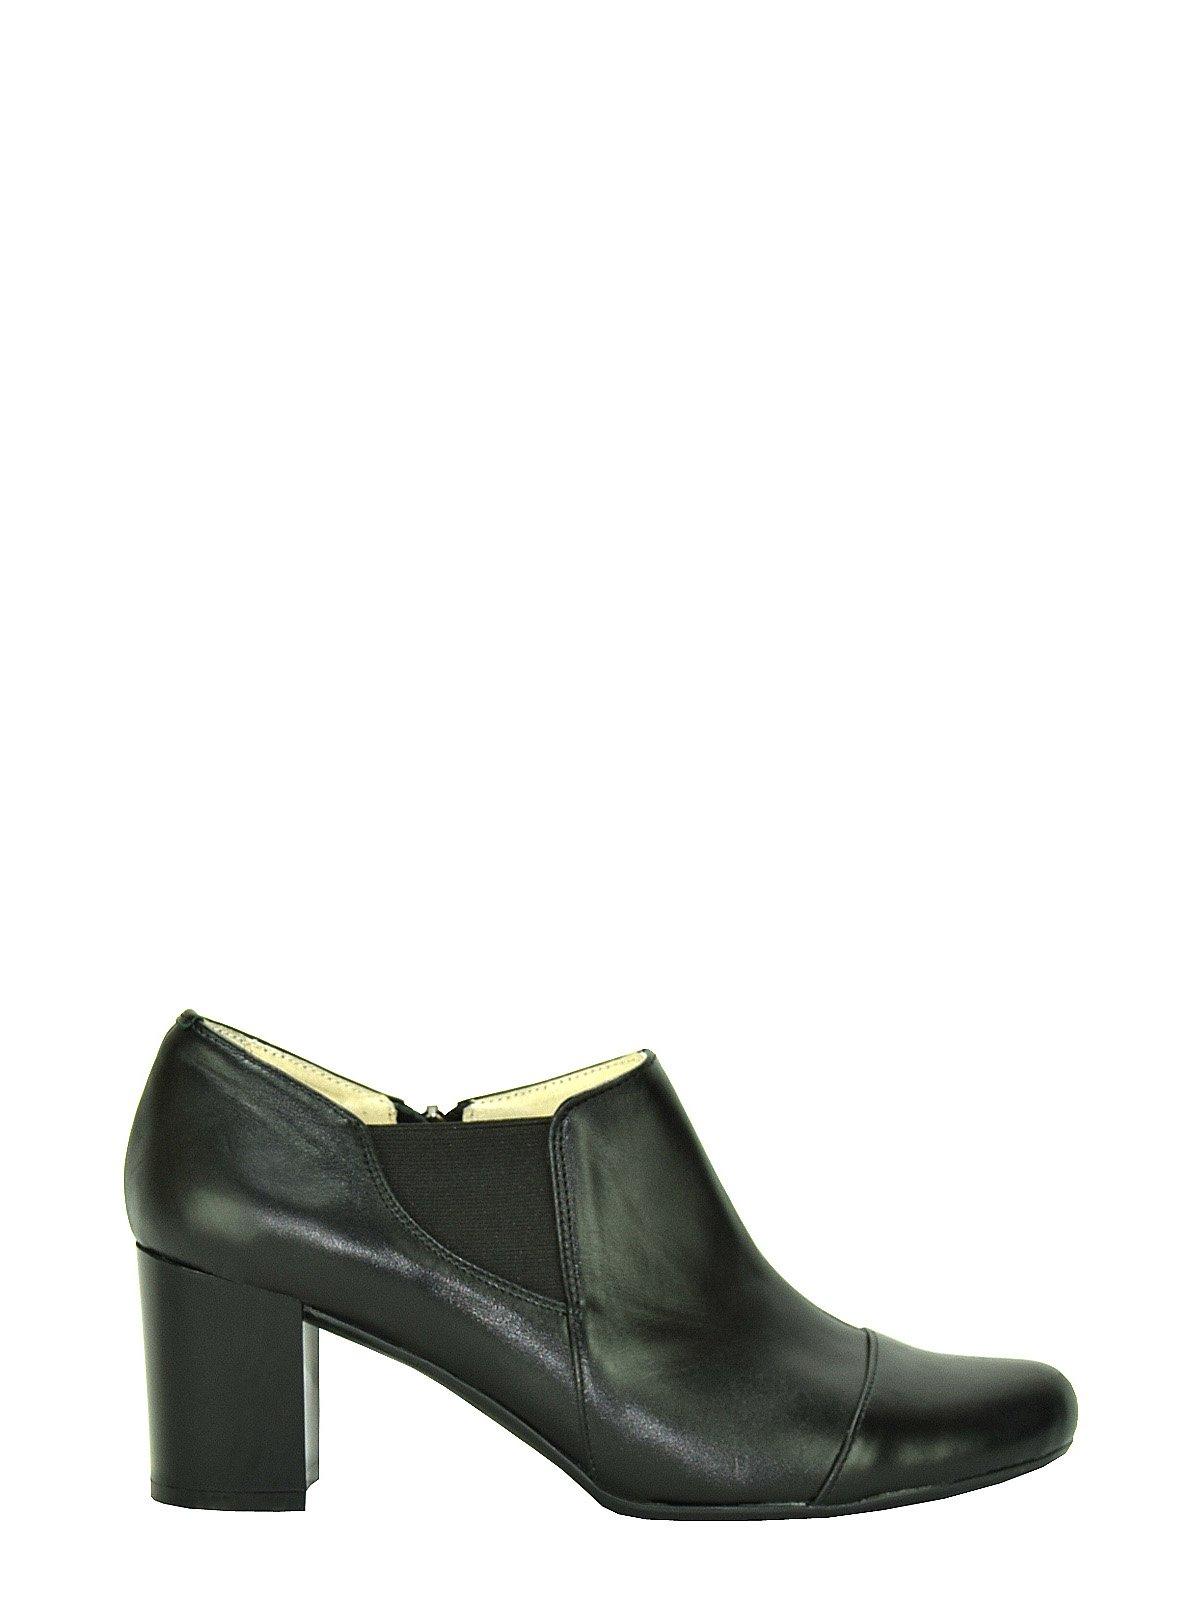 Туфлі чорні | 3533239 | фото 6